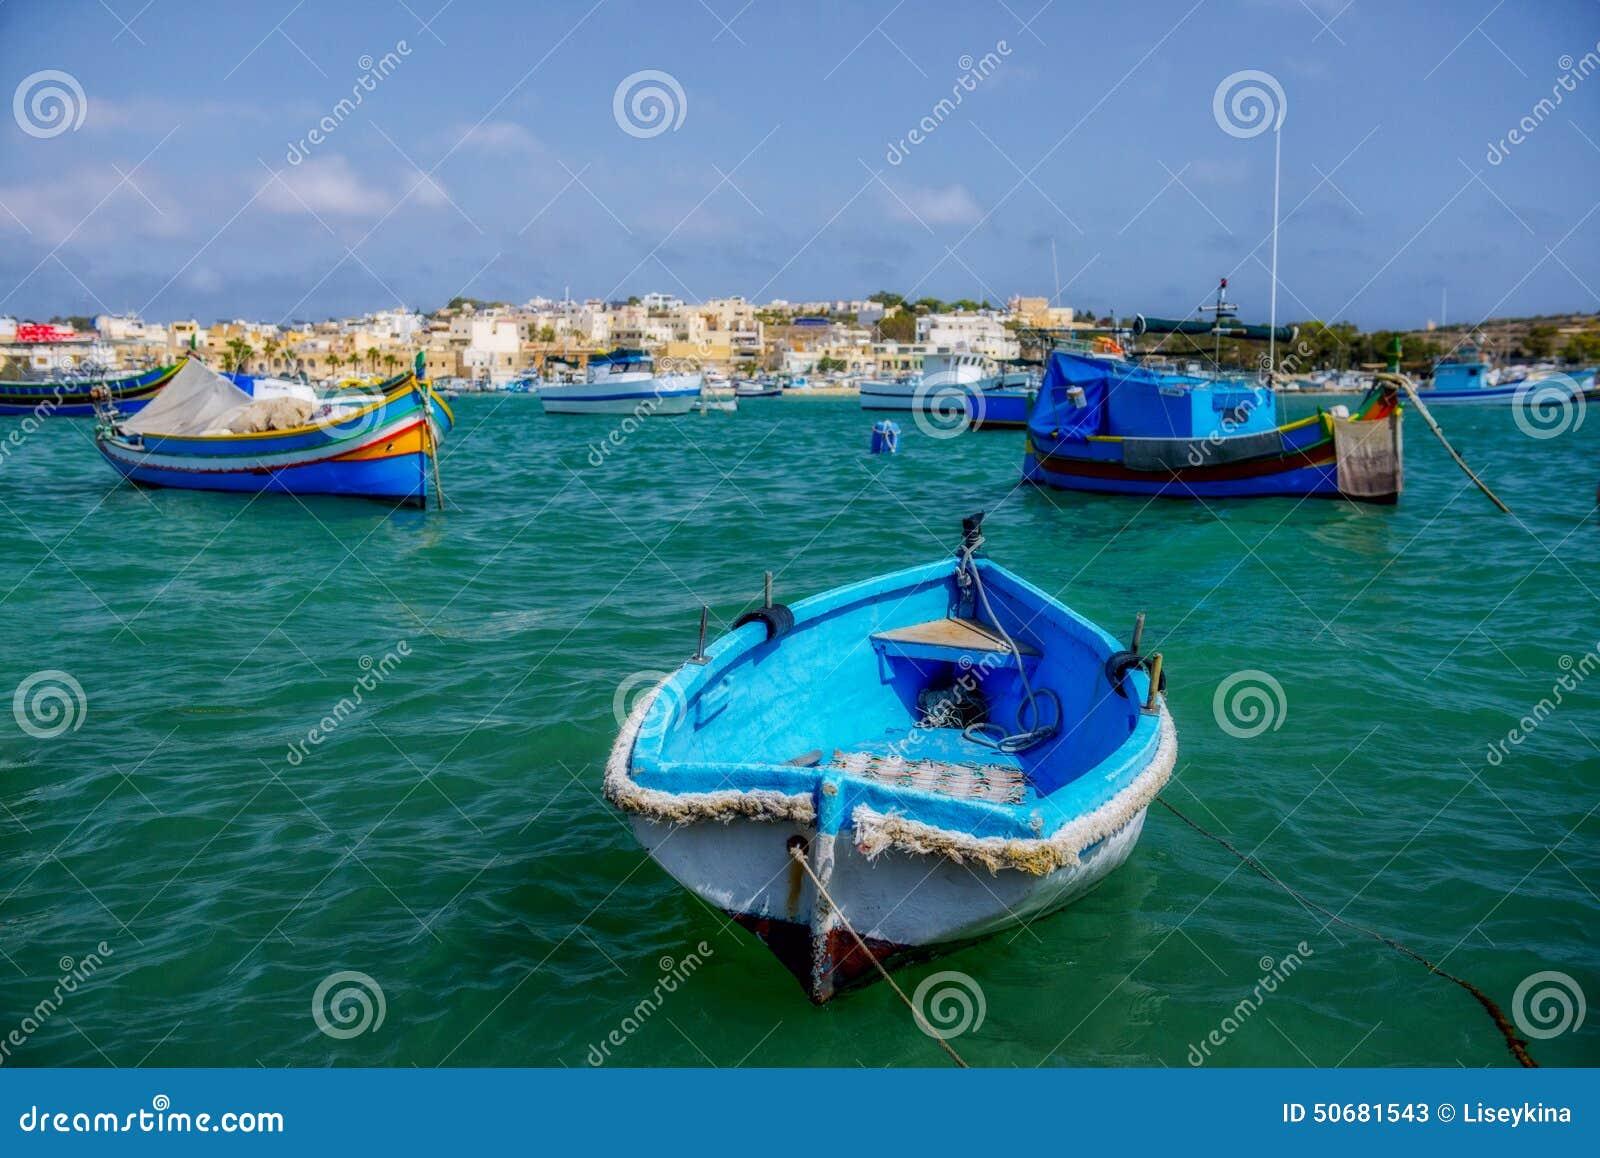 Download 马尔他小船 库存图片. 图片 包括有 海岛, 颜色, 运输, 五颜六色, 平静, 城镇, 地中海, 海运 - 50681543